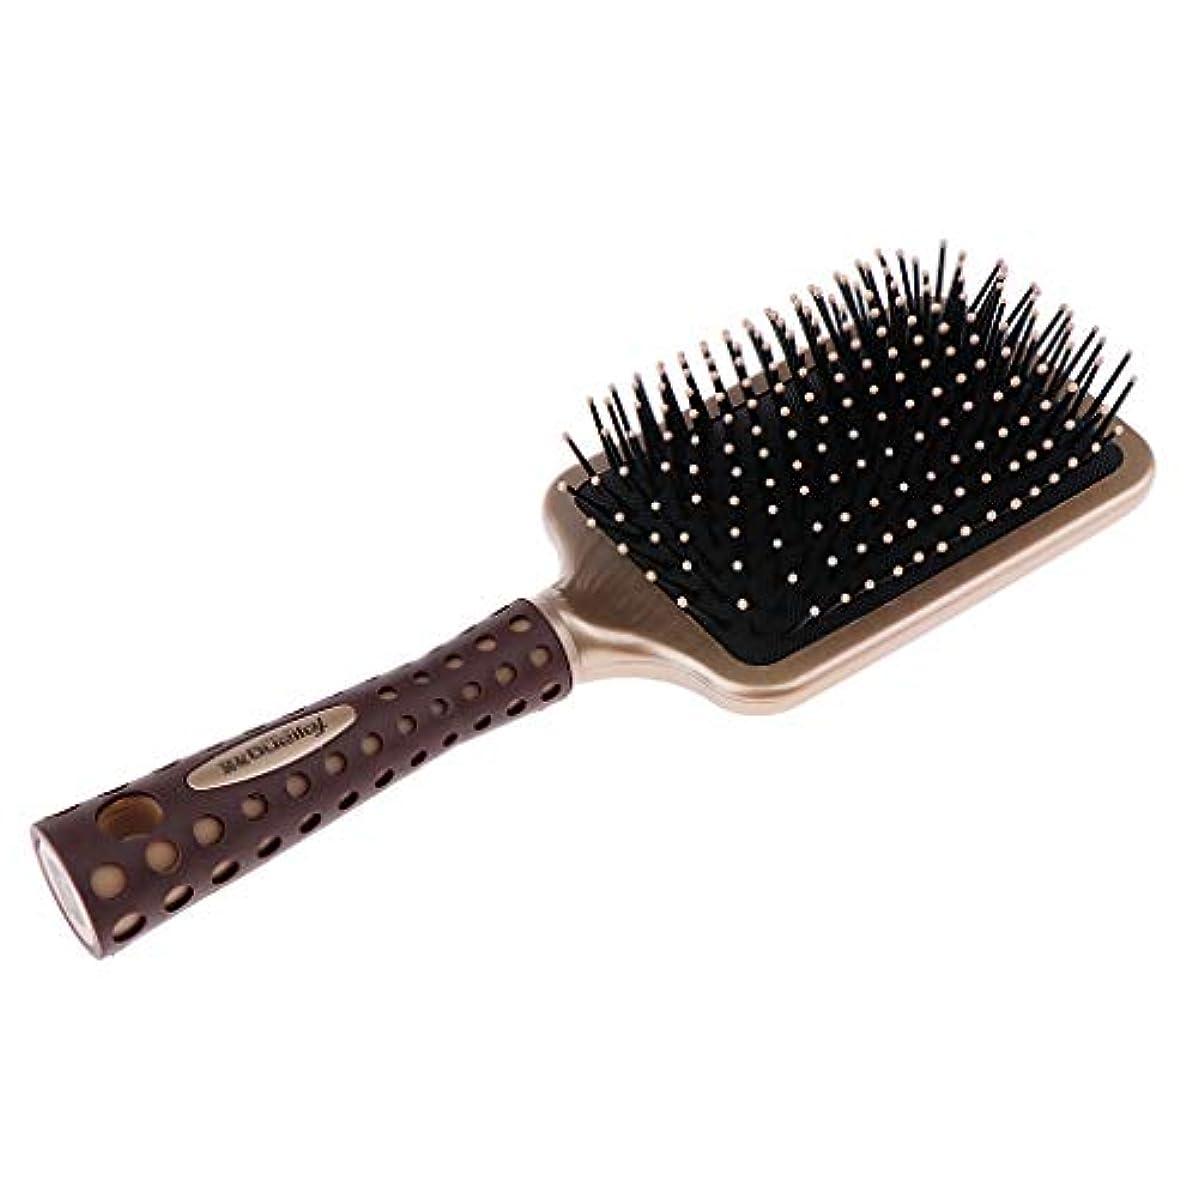 ロケーションコイル離れたB Baosity 静電防止櫛 クッションヘアブラシ 頭皮マッサージ プロ ヘアーサロン 美容師 2サイズ選べ - L